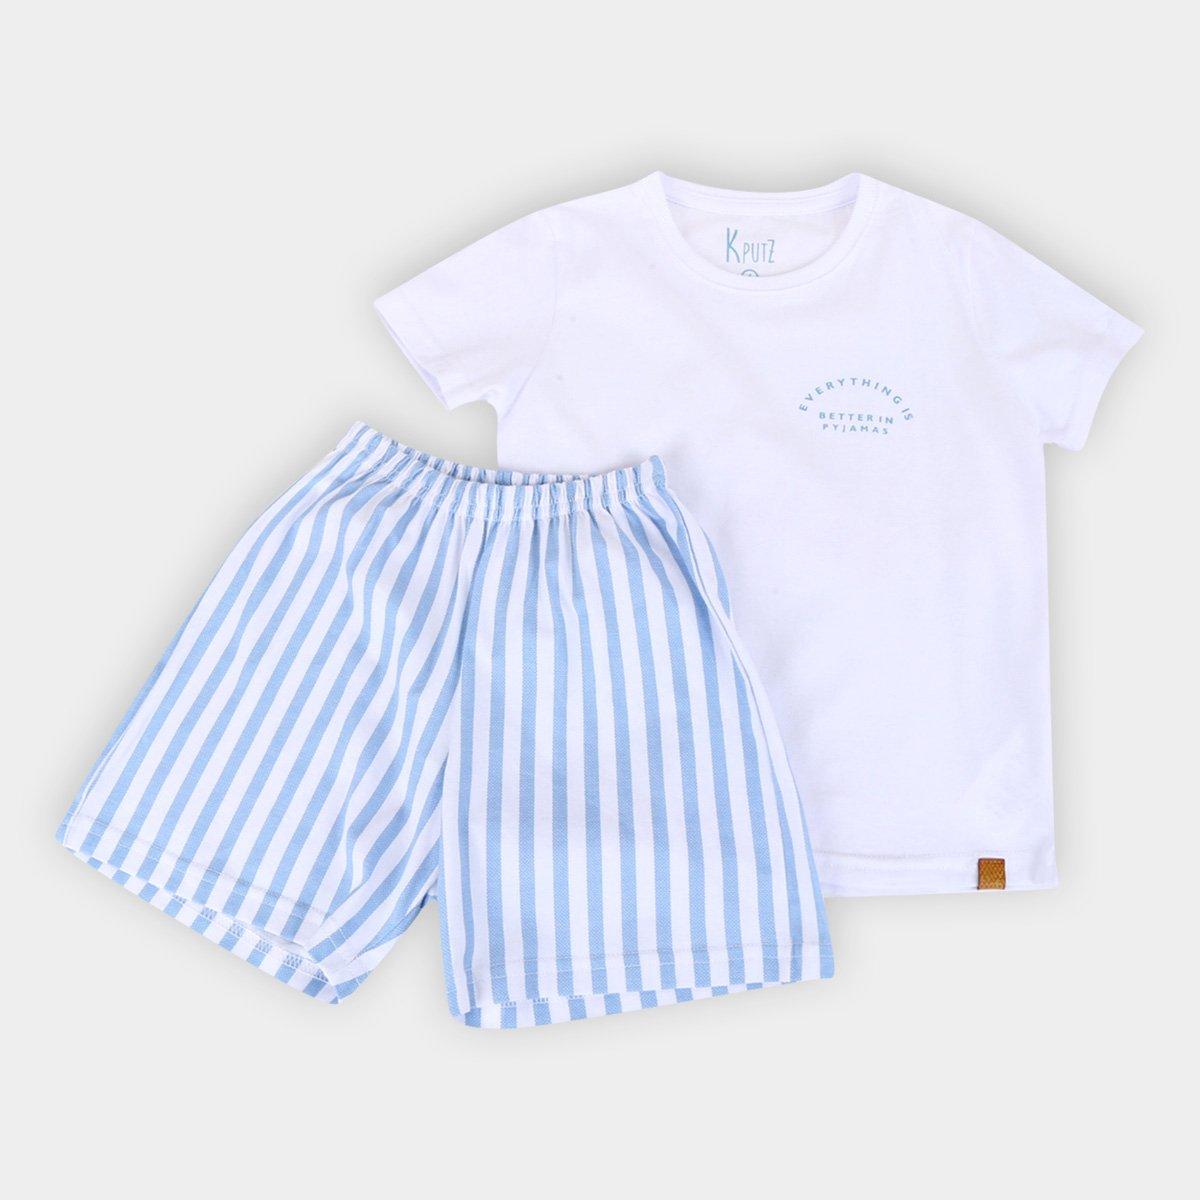 Pijama Infantil Cor com Amor Listras Masculino